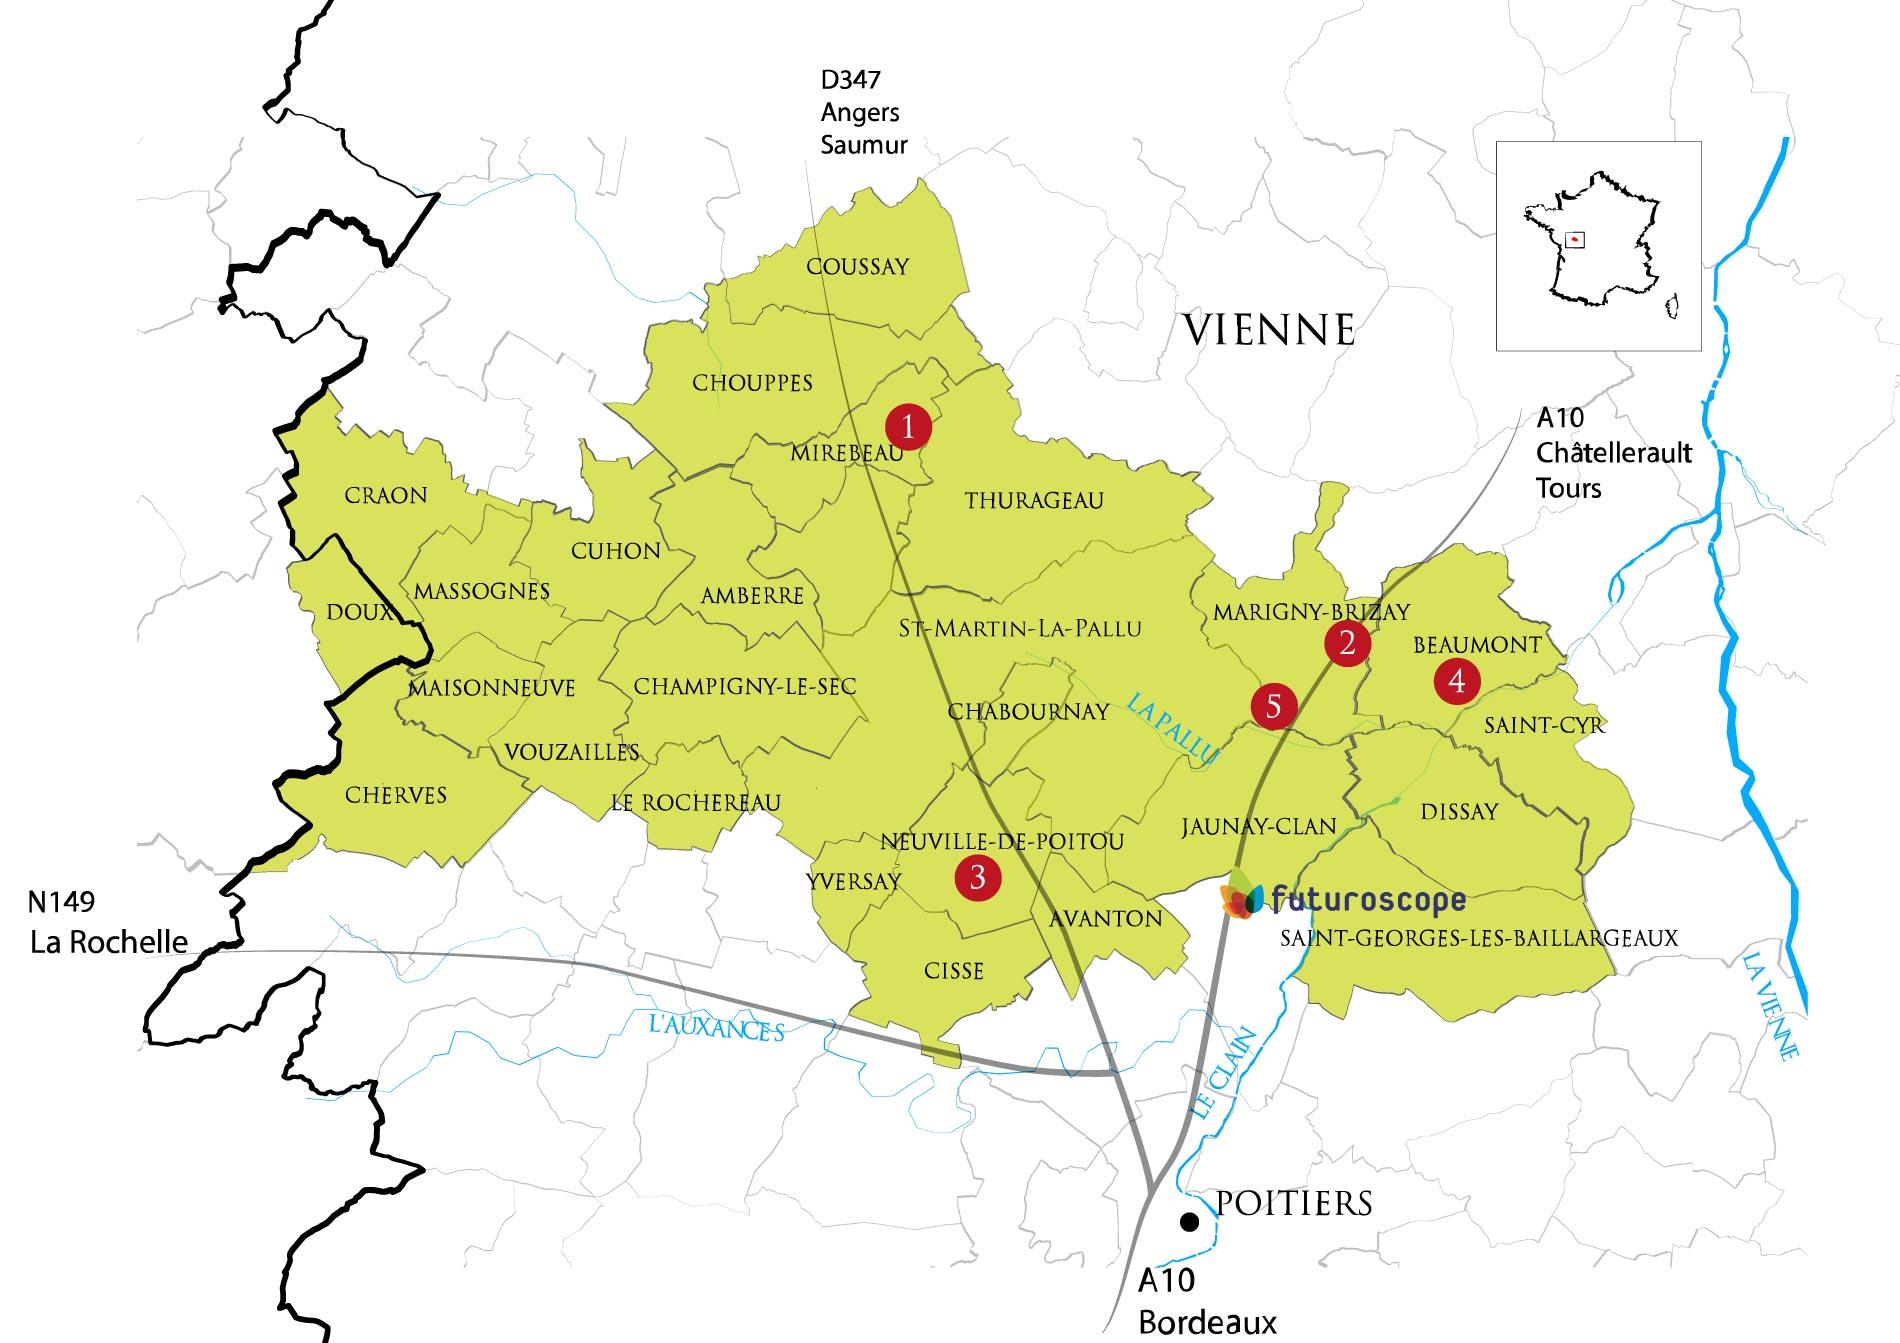 producteurs vins aoc haut poitou